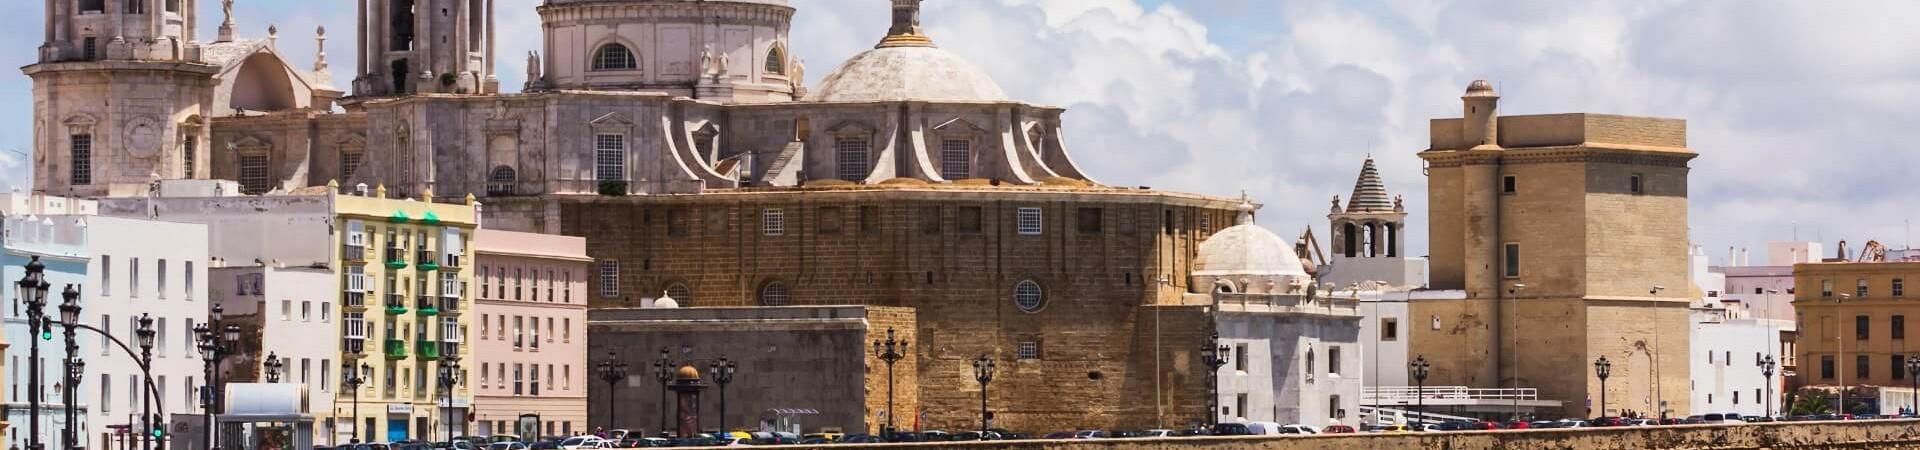 Katedra w Kadyksie